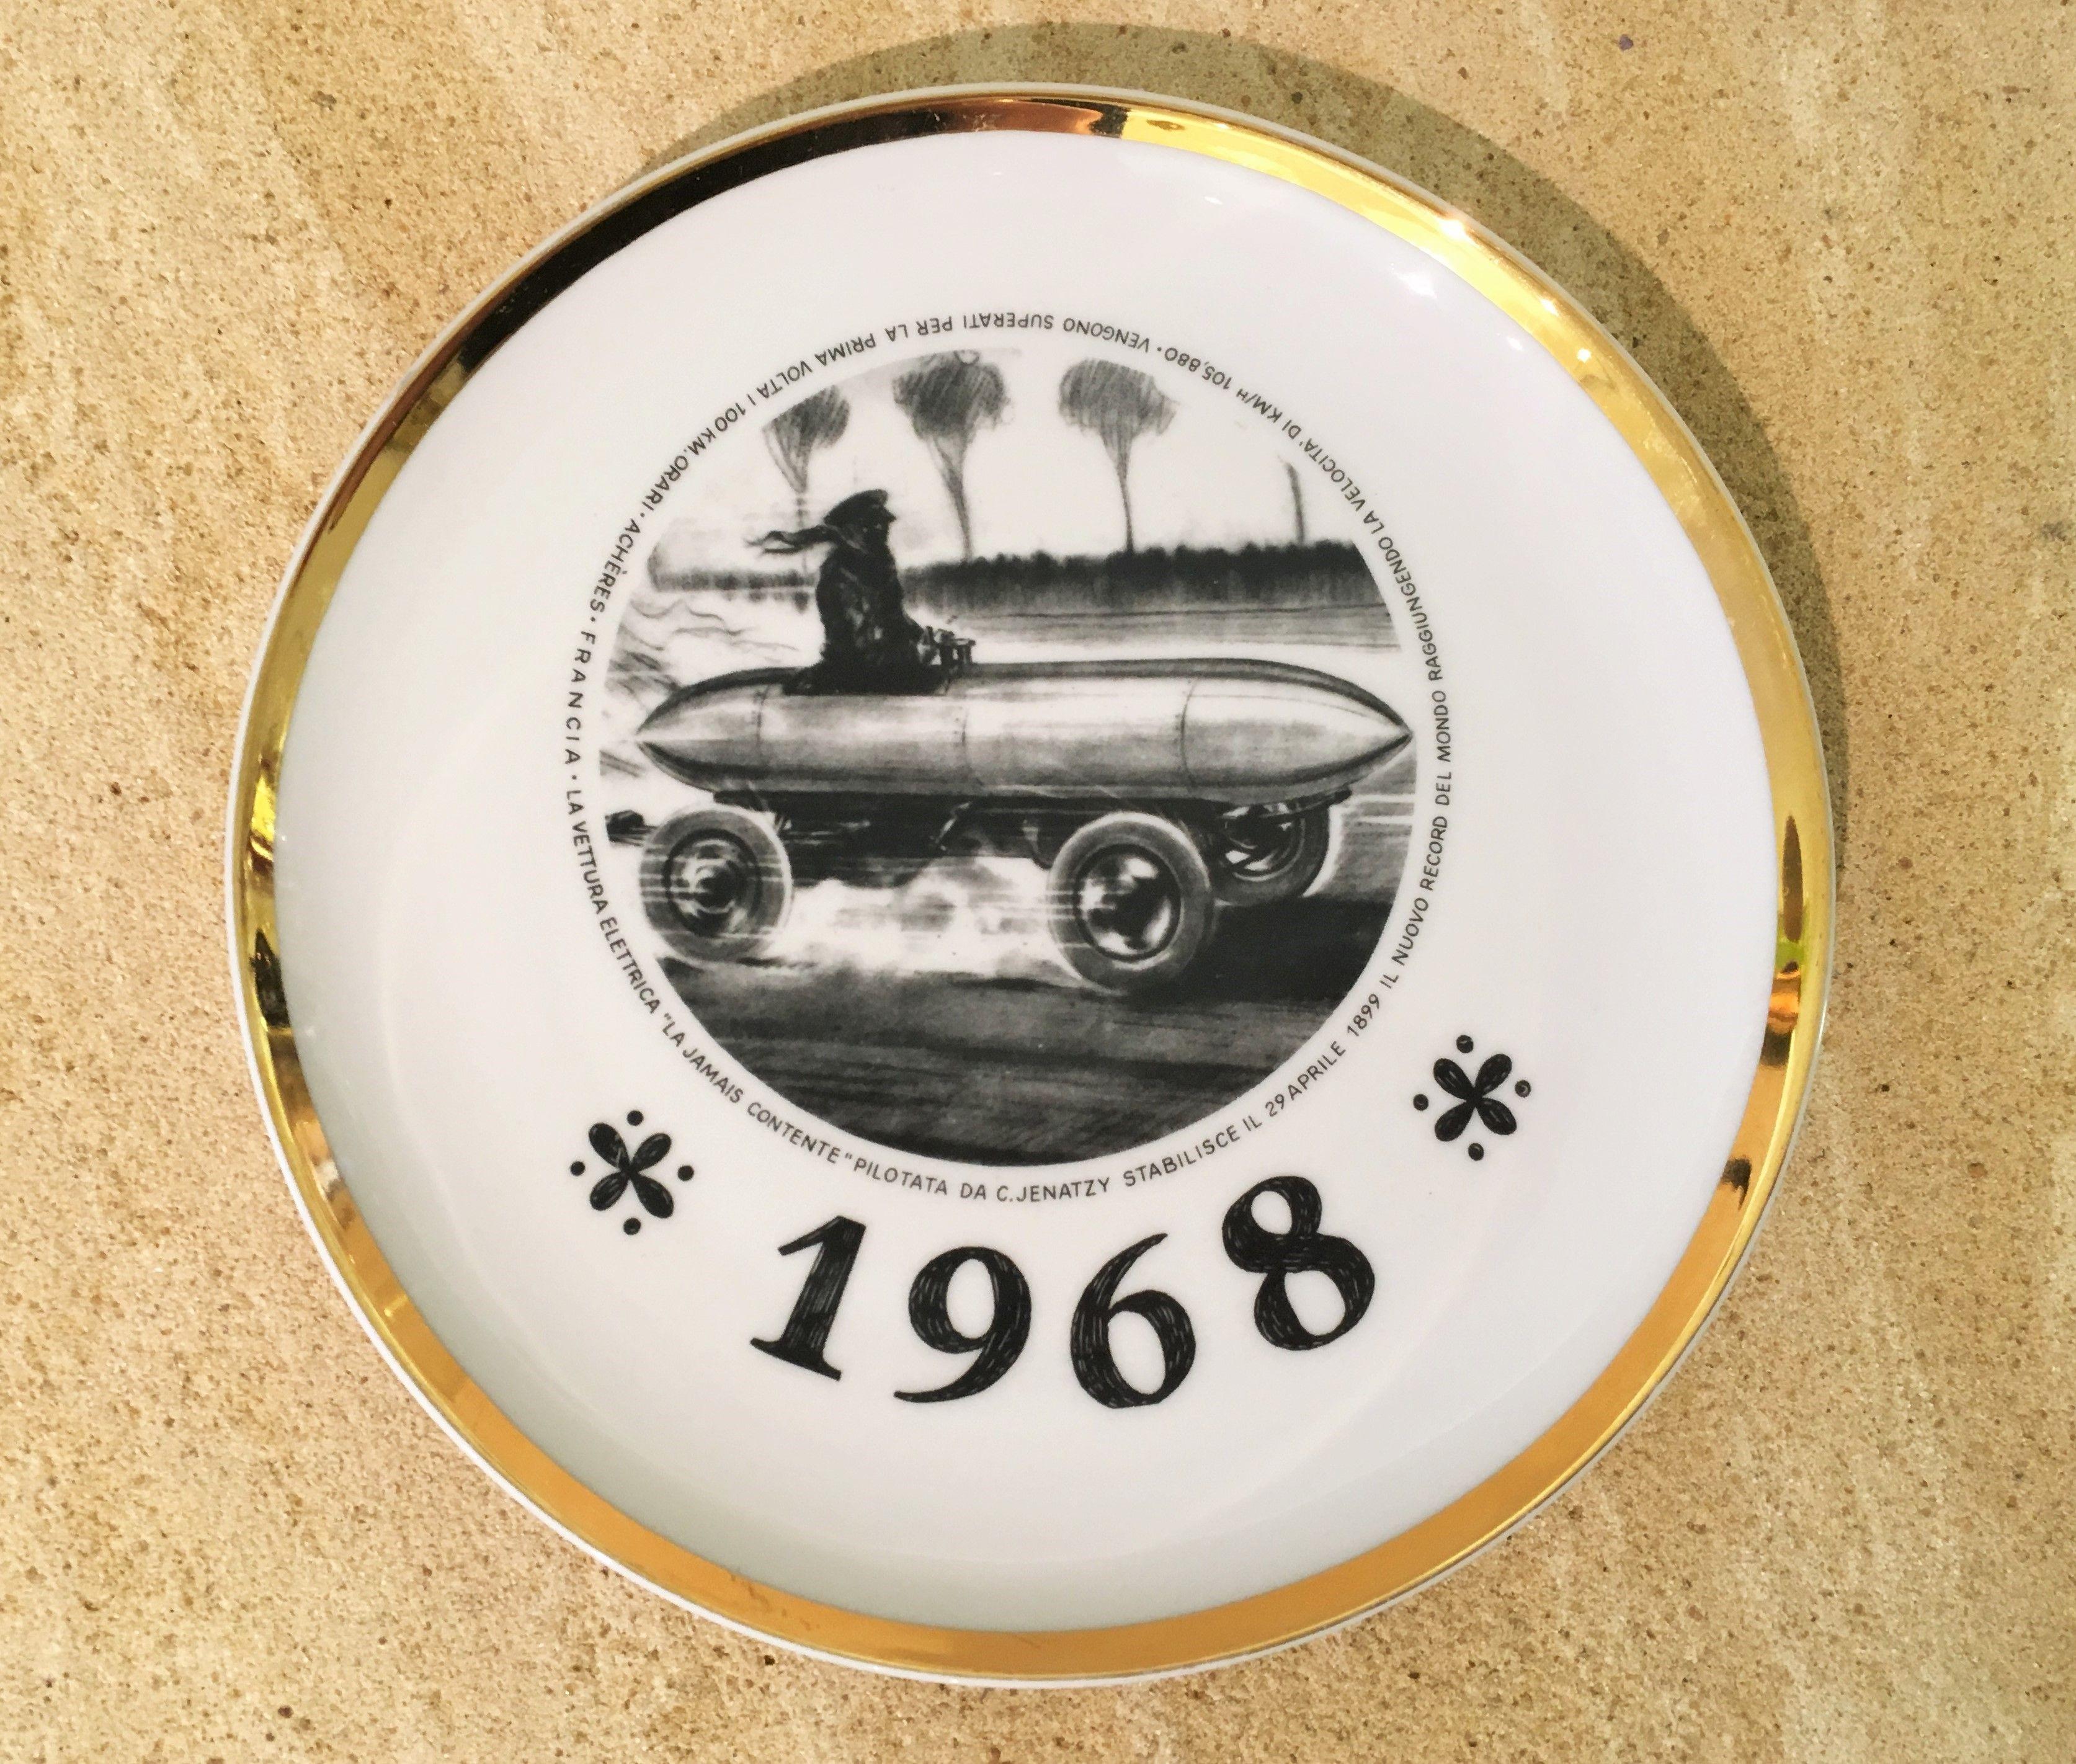 FORNASETTI Piero, Teller, Plate,  limited Edition per il Salone Internationale dell´automobile di torino